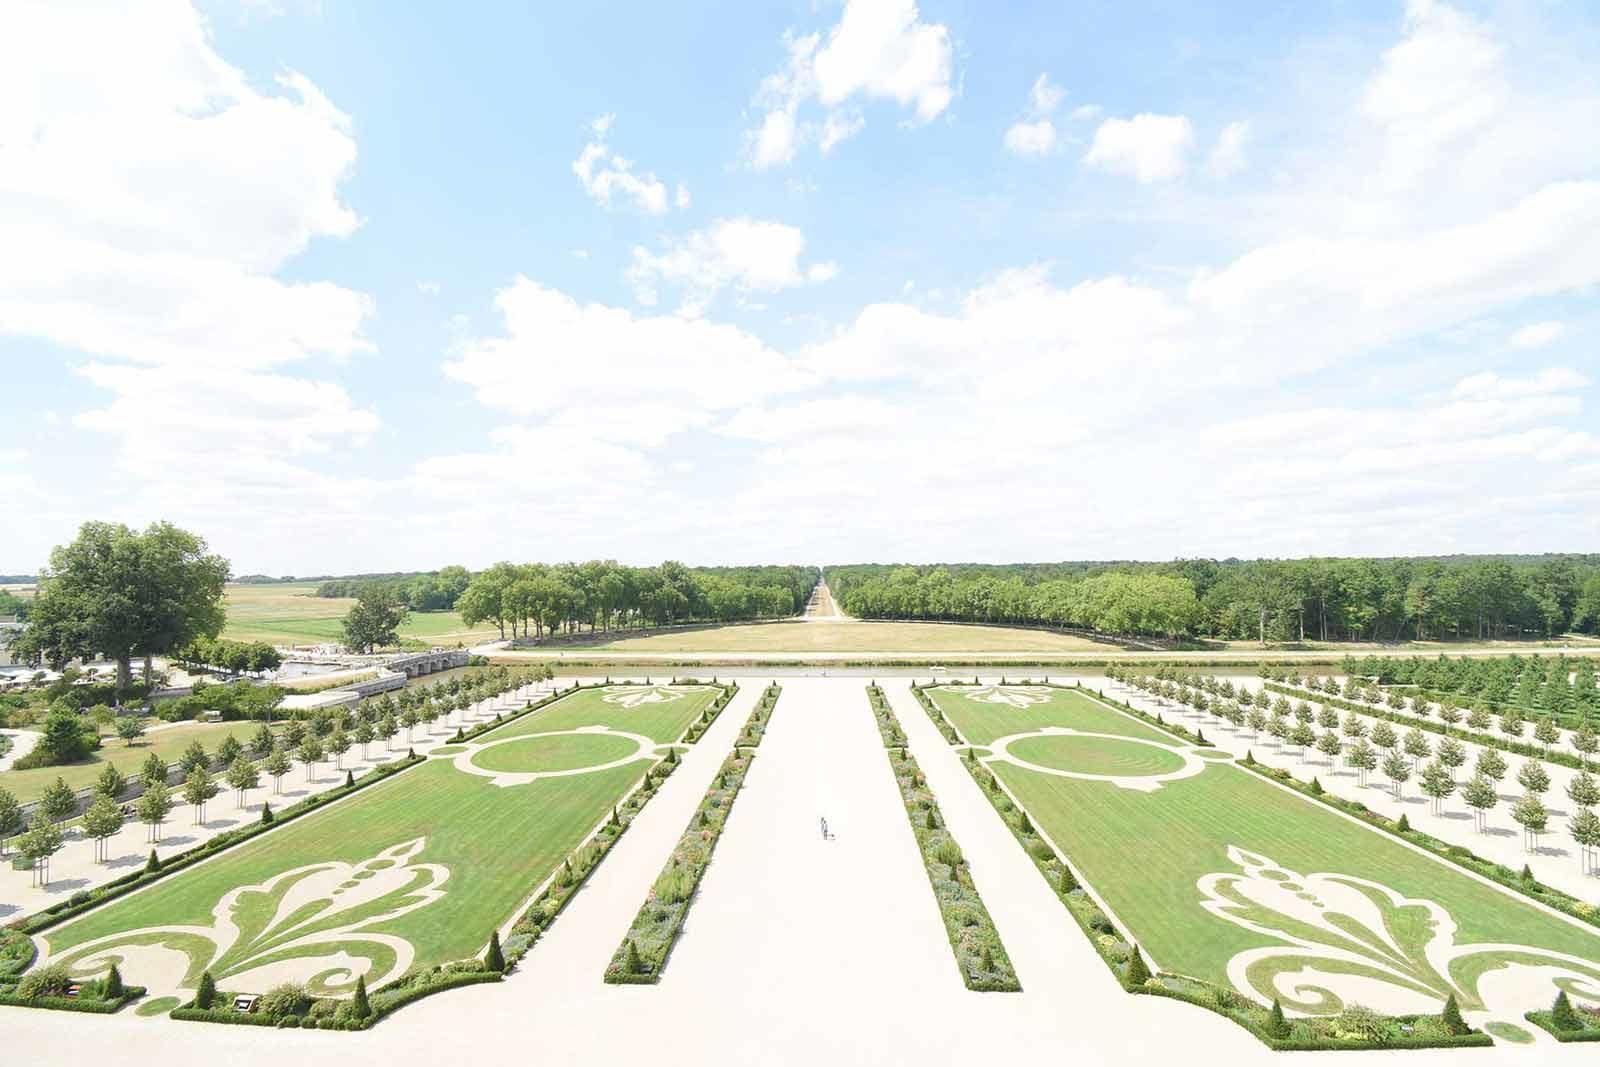 シャンボール城の屋上から見た風景